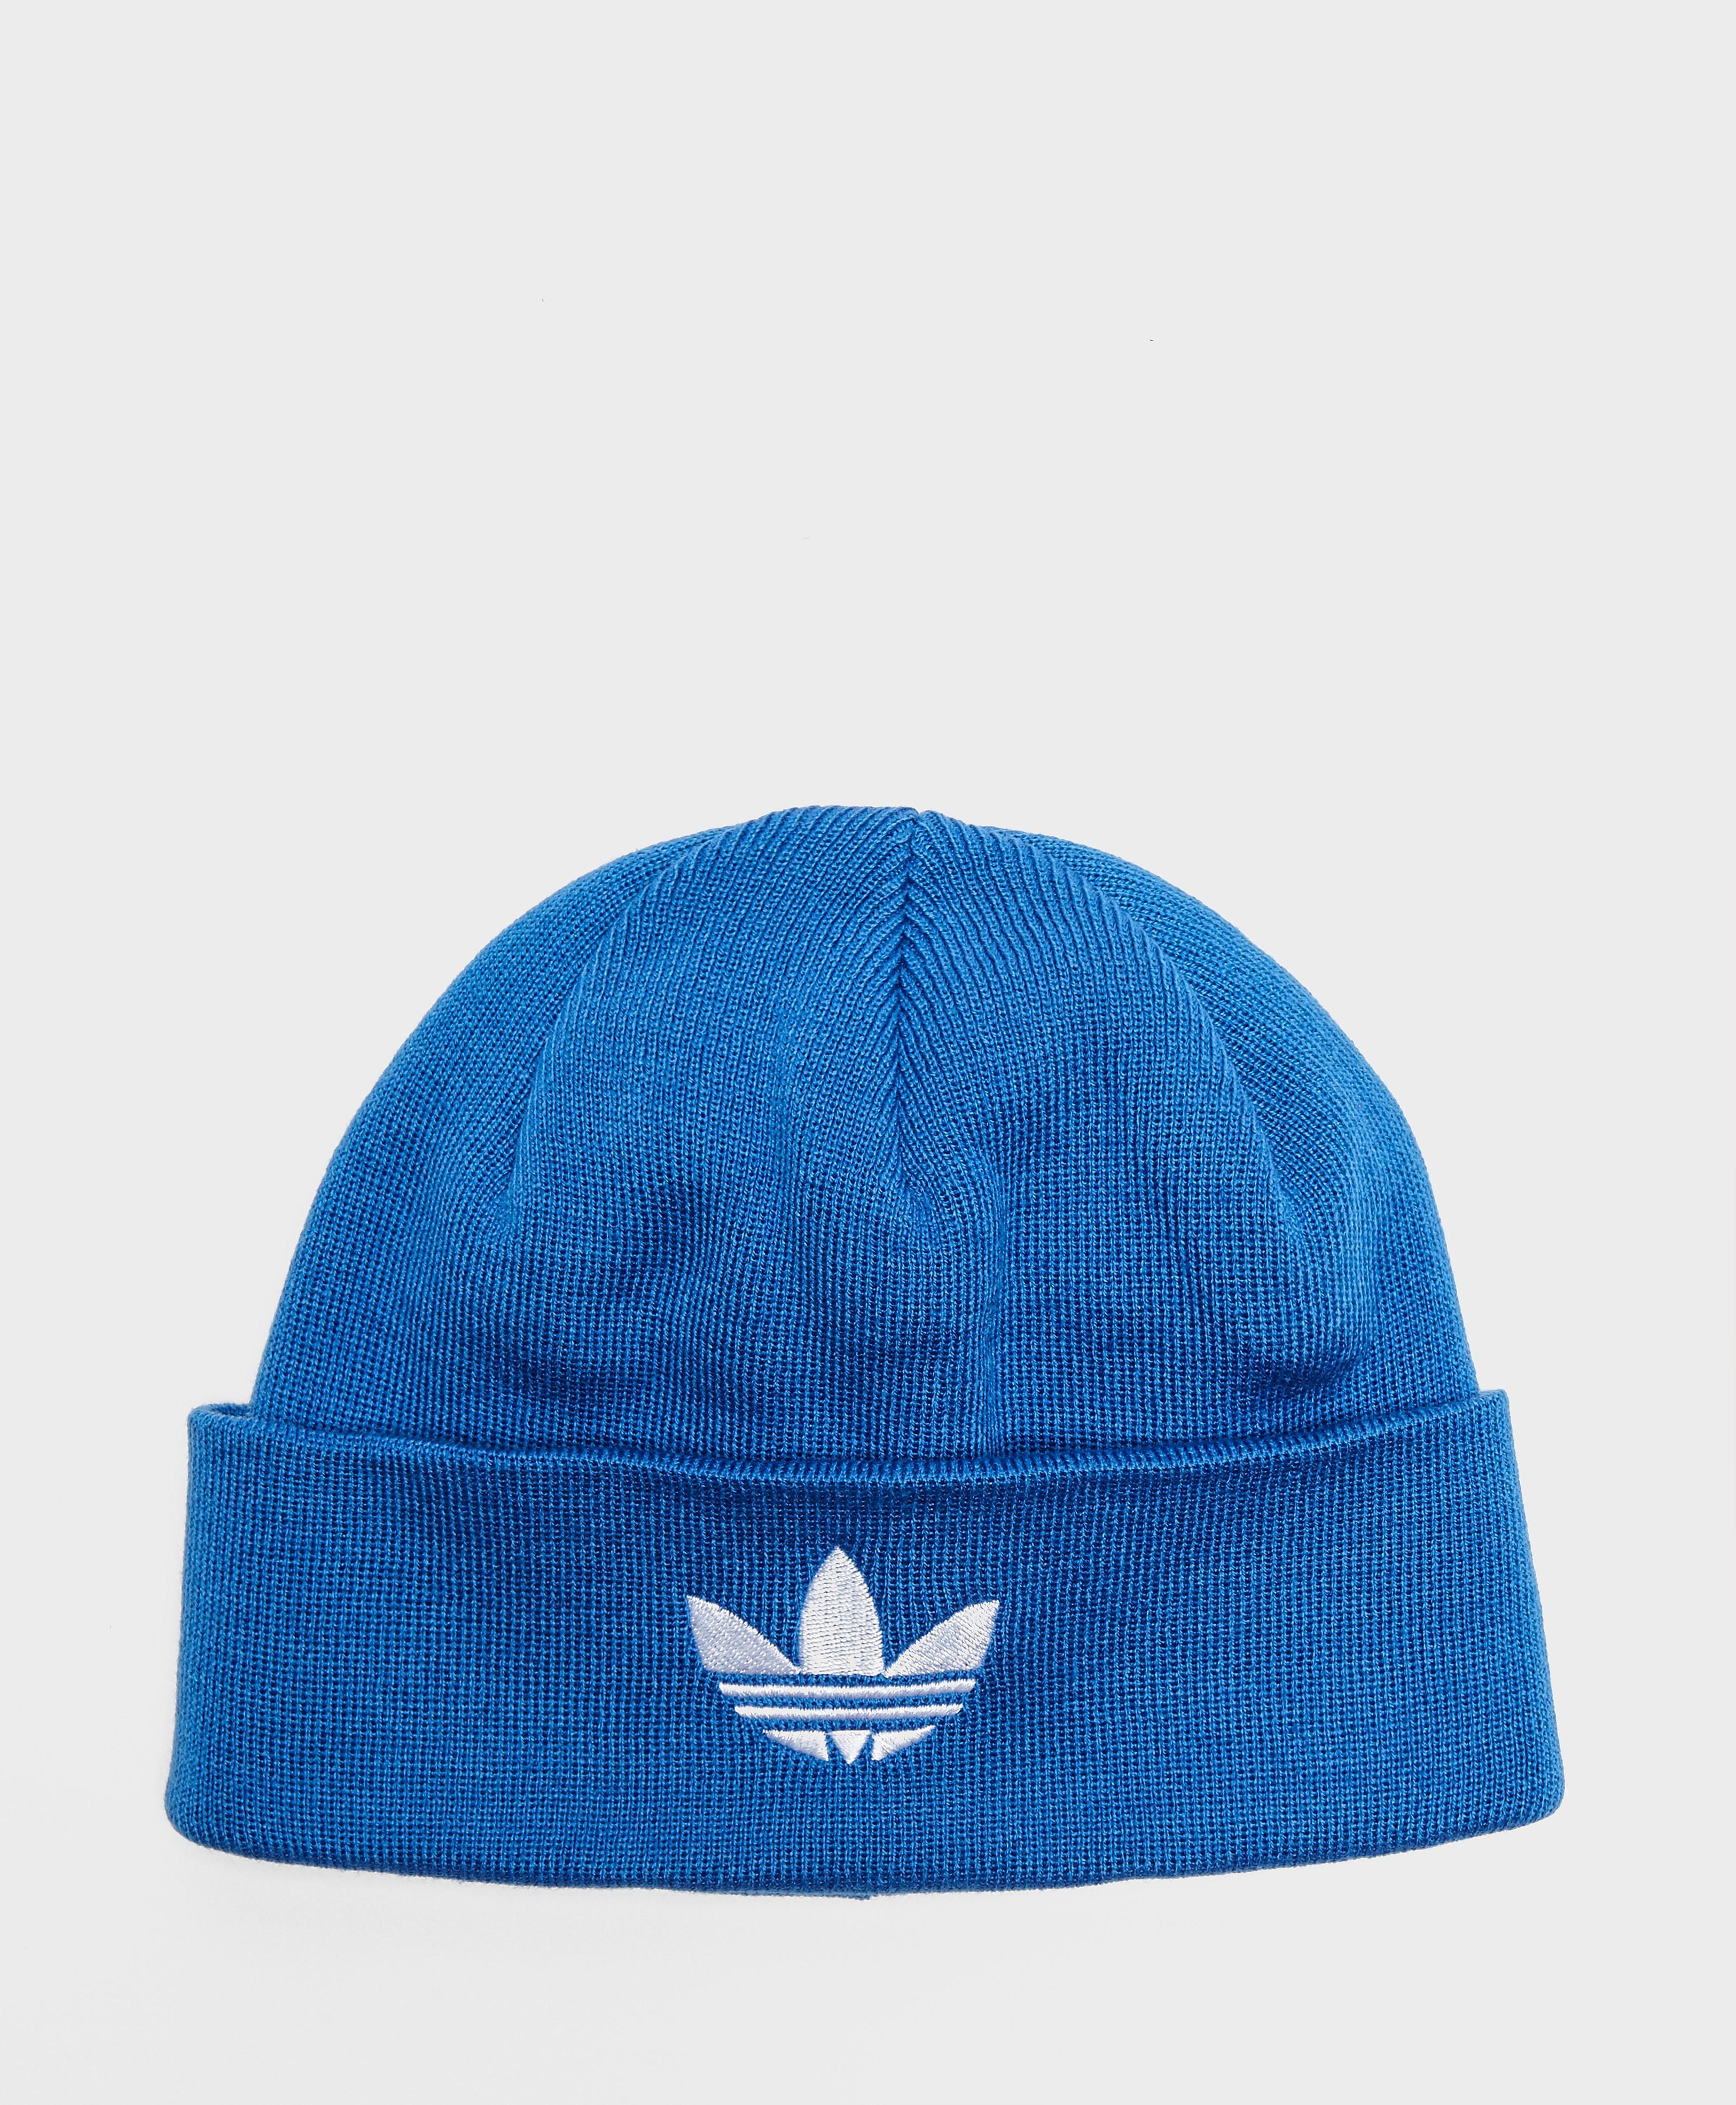 adidas Originals Trefoil Beanie  Blue Blue